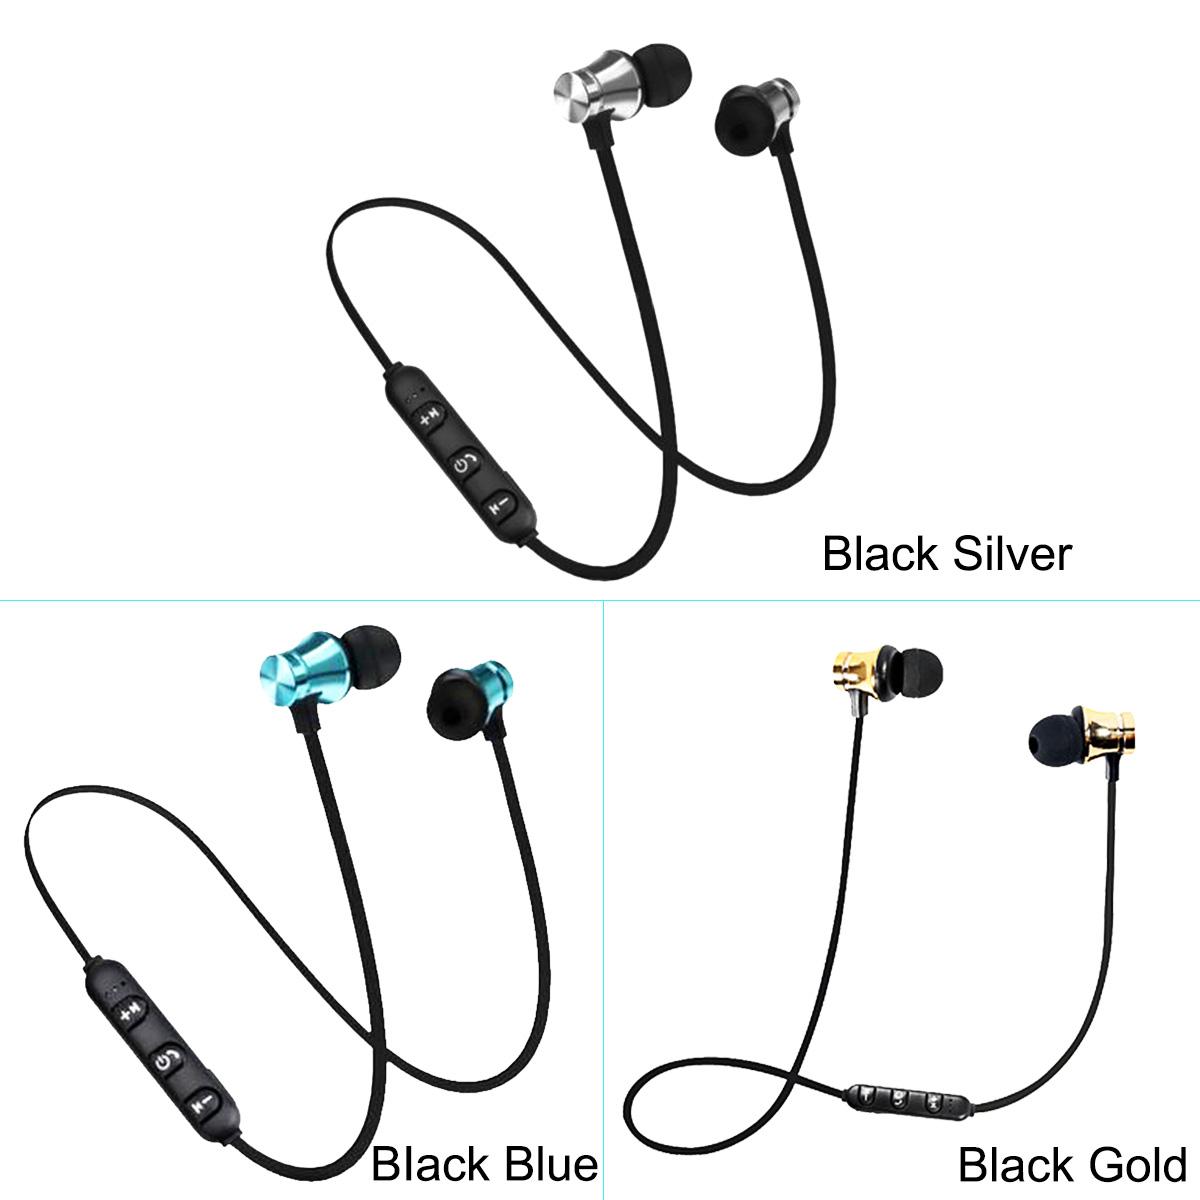 1x Xt 11 Wireless In Ear Headphones Outdoor Sport Headsets